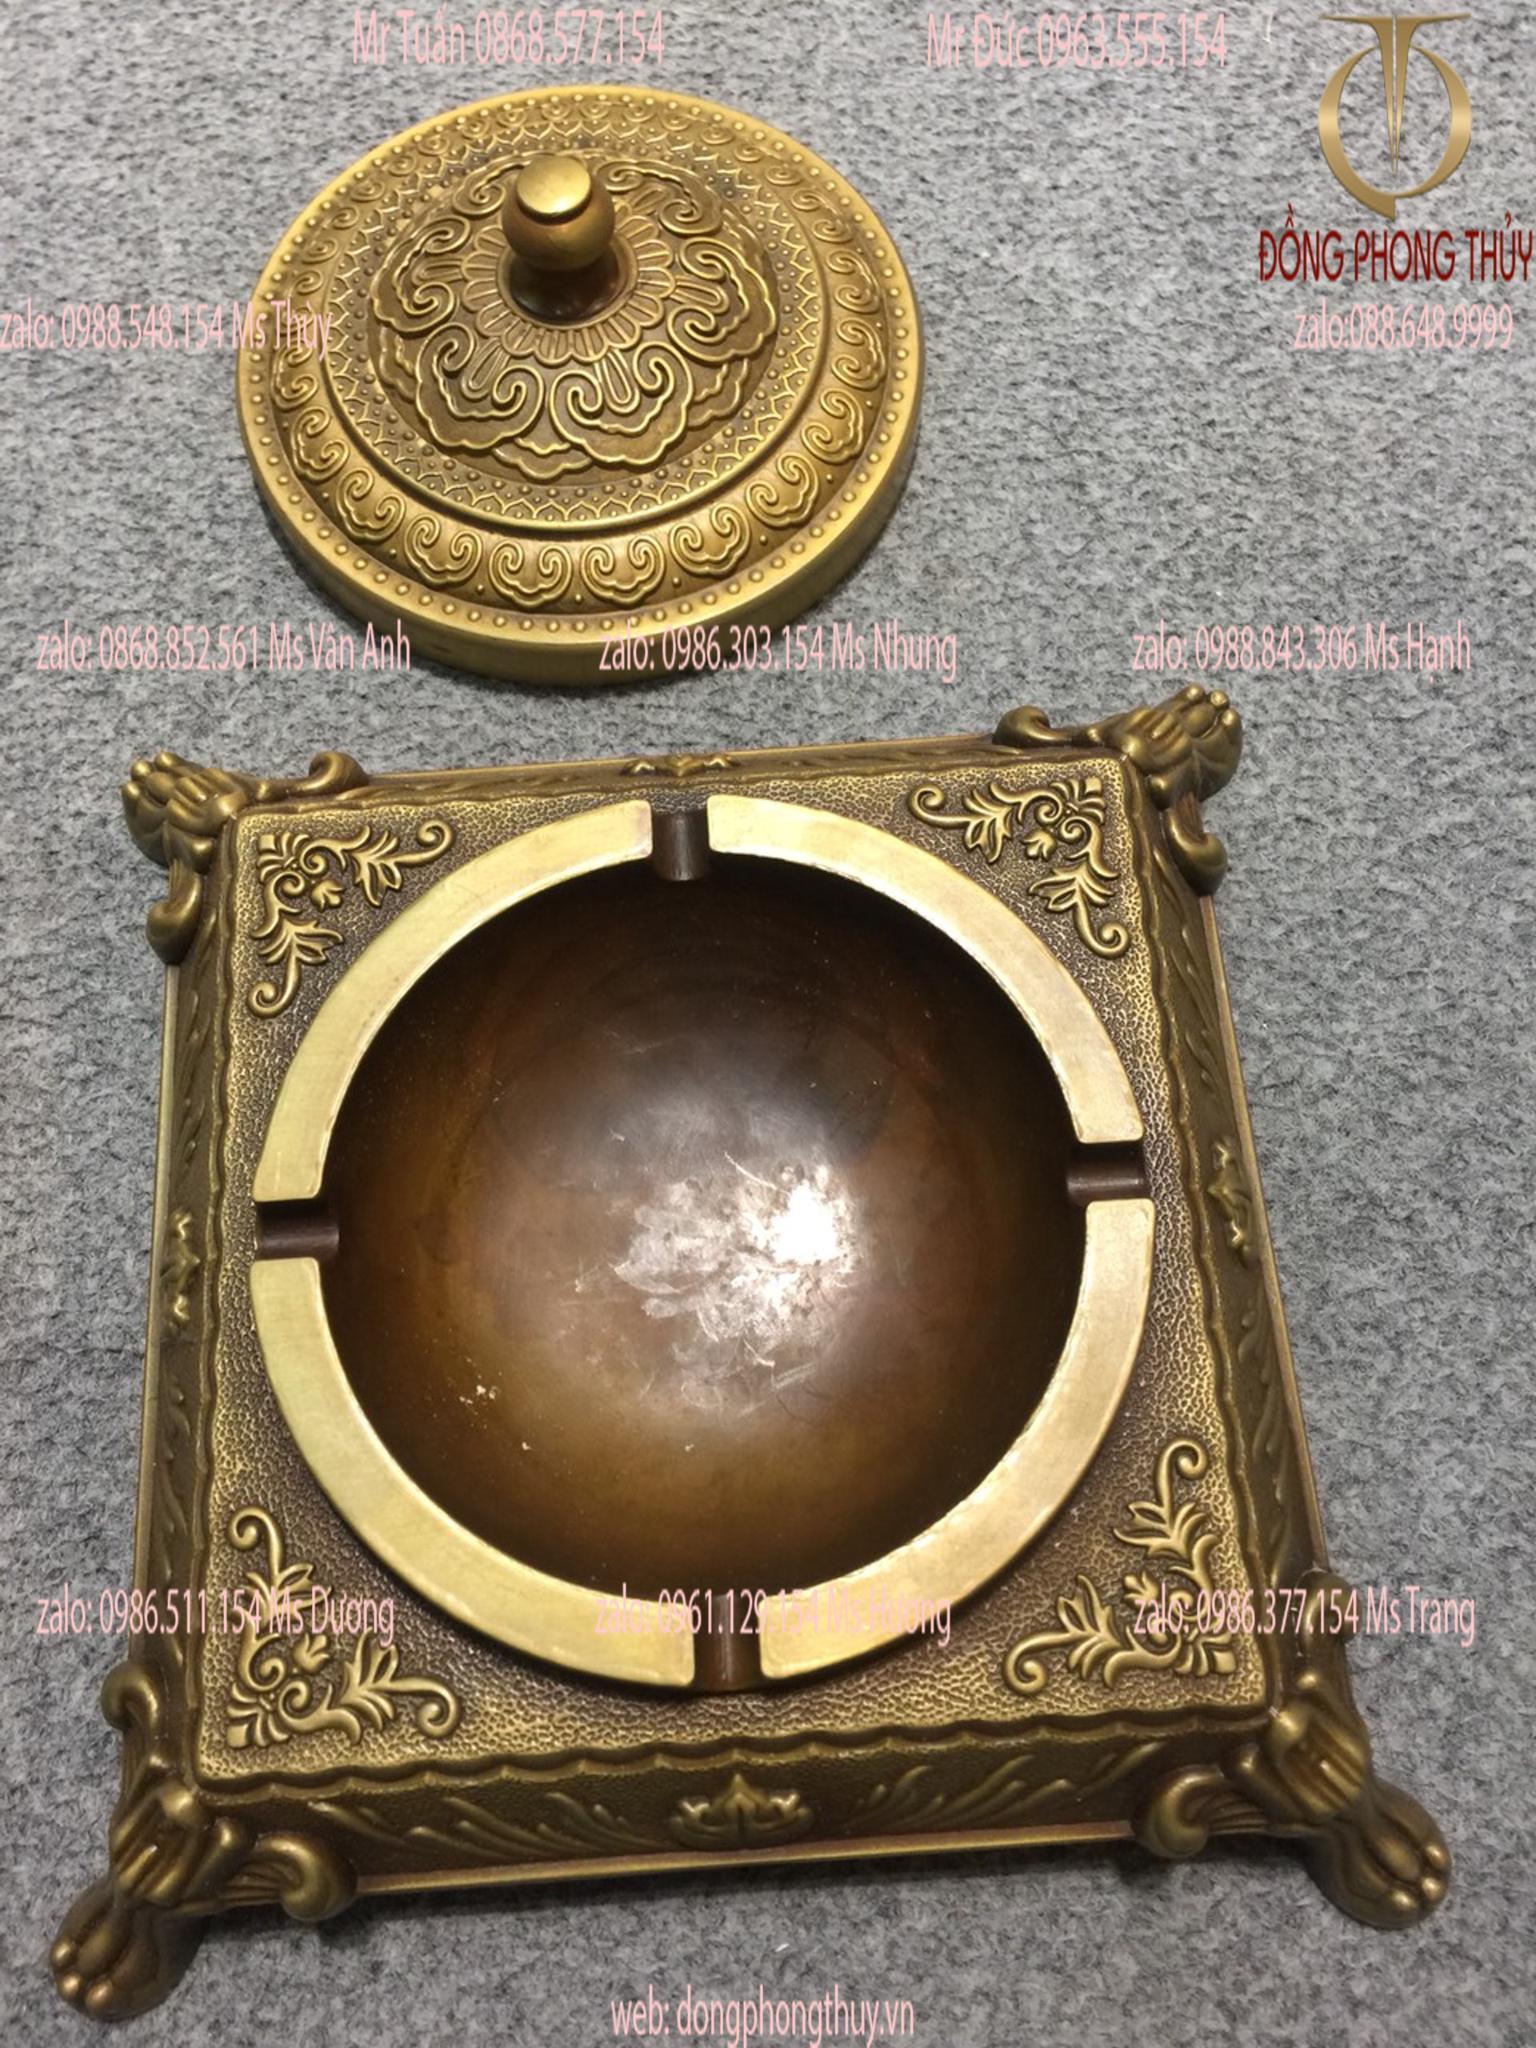 Gạt tàn bằng đồng tân cổ điển 20*20cm nặng 1,5kg